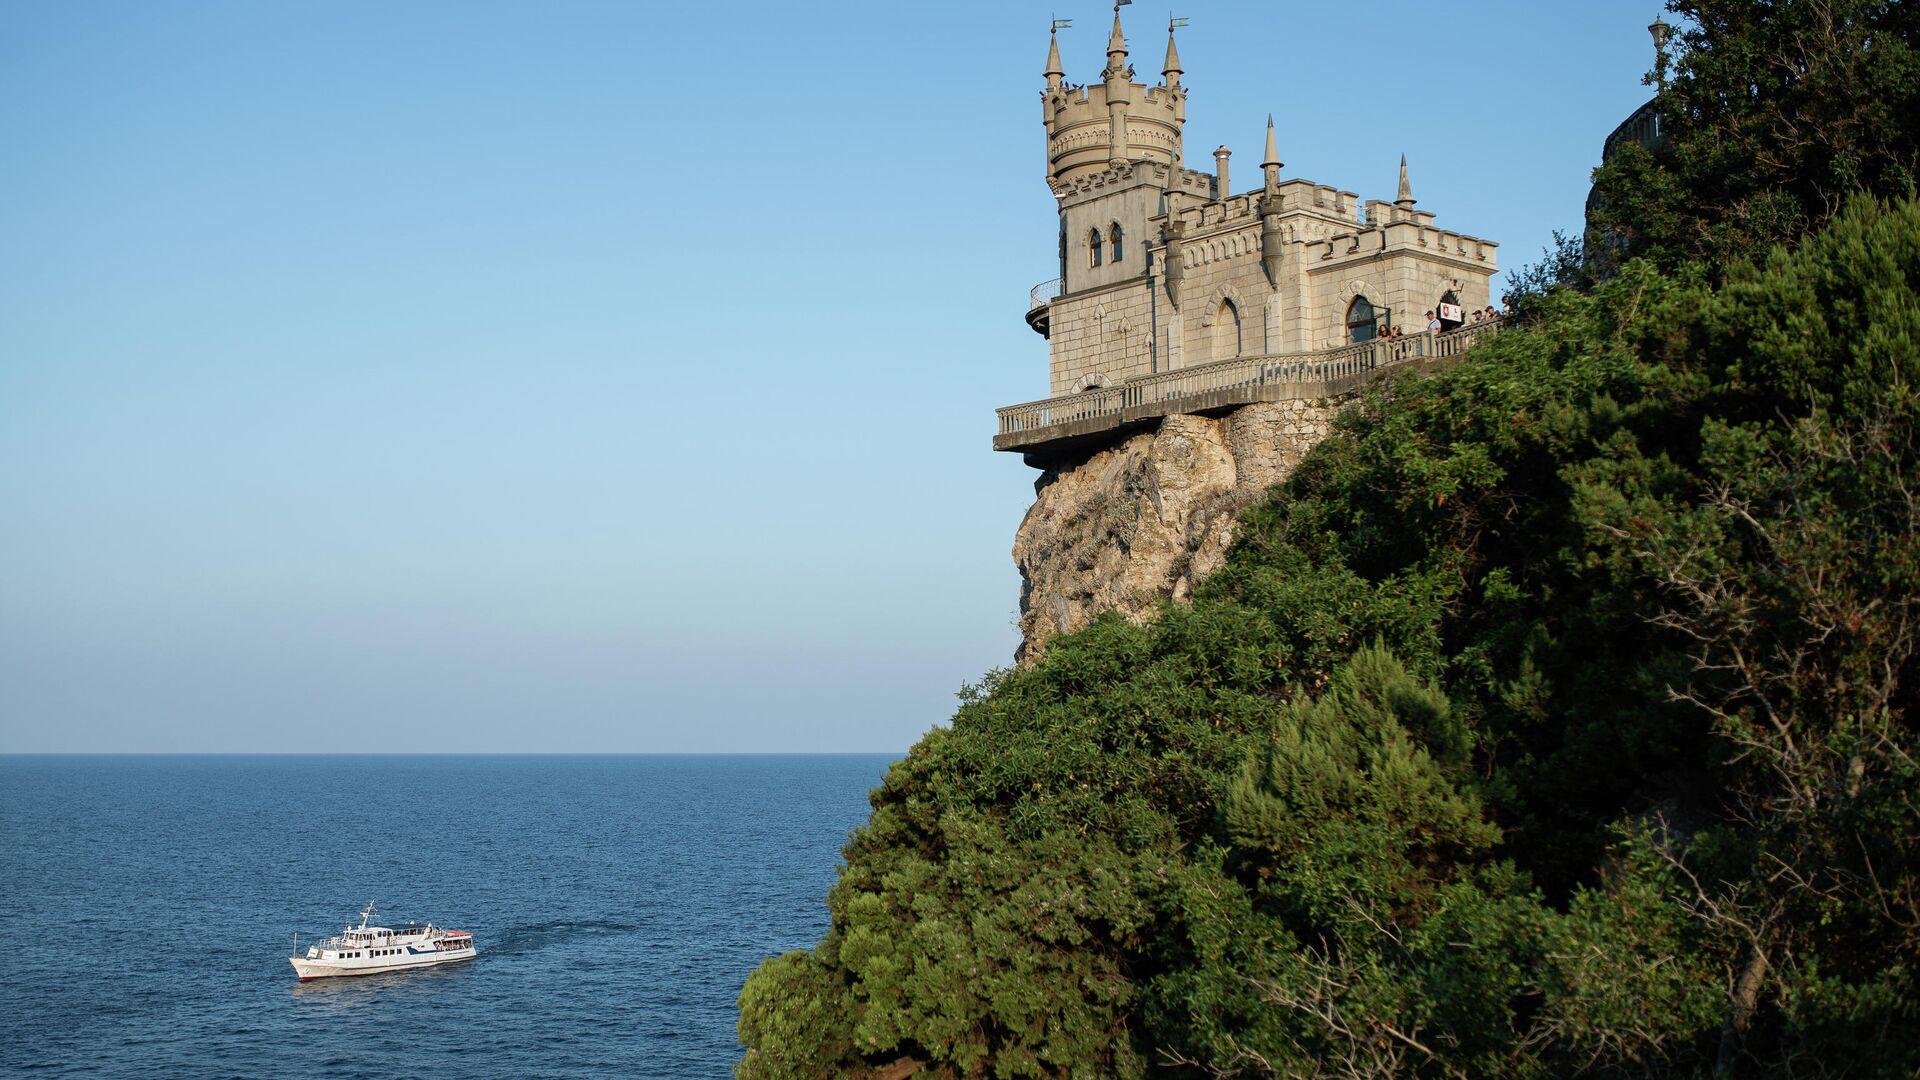 Замок Ласточкино гнездо на береговой скале в поселке Гаспра в Крыму - РИА Новости, 1920, 20.10.2020